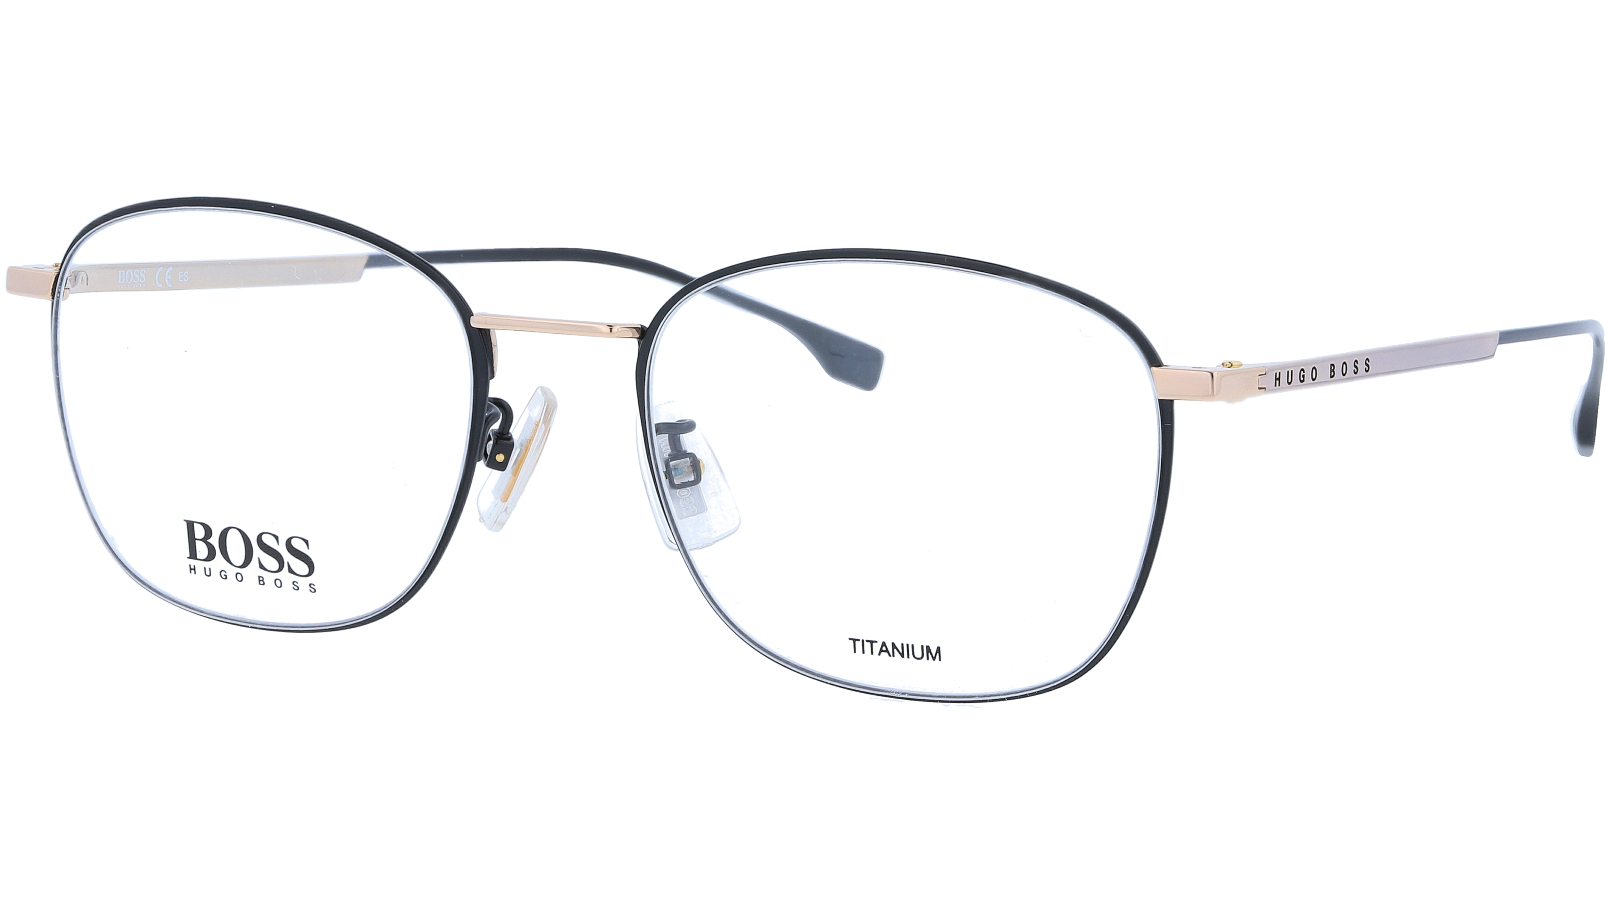 HUGO BOSS BOSS1067/F I46 53 MATT Glasses